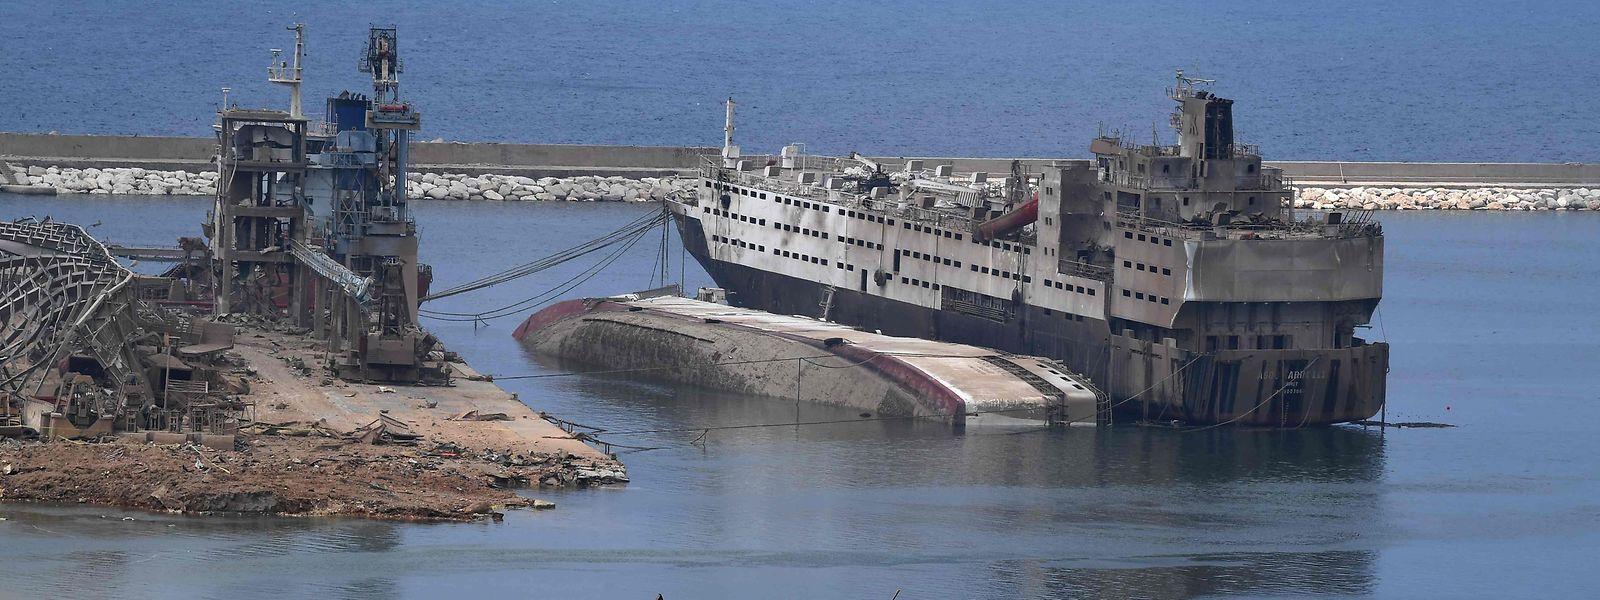 Der Hafen von Beirut wurde von der heftigen Explosion ausgelöscht.